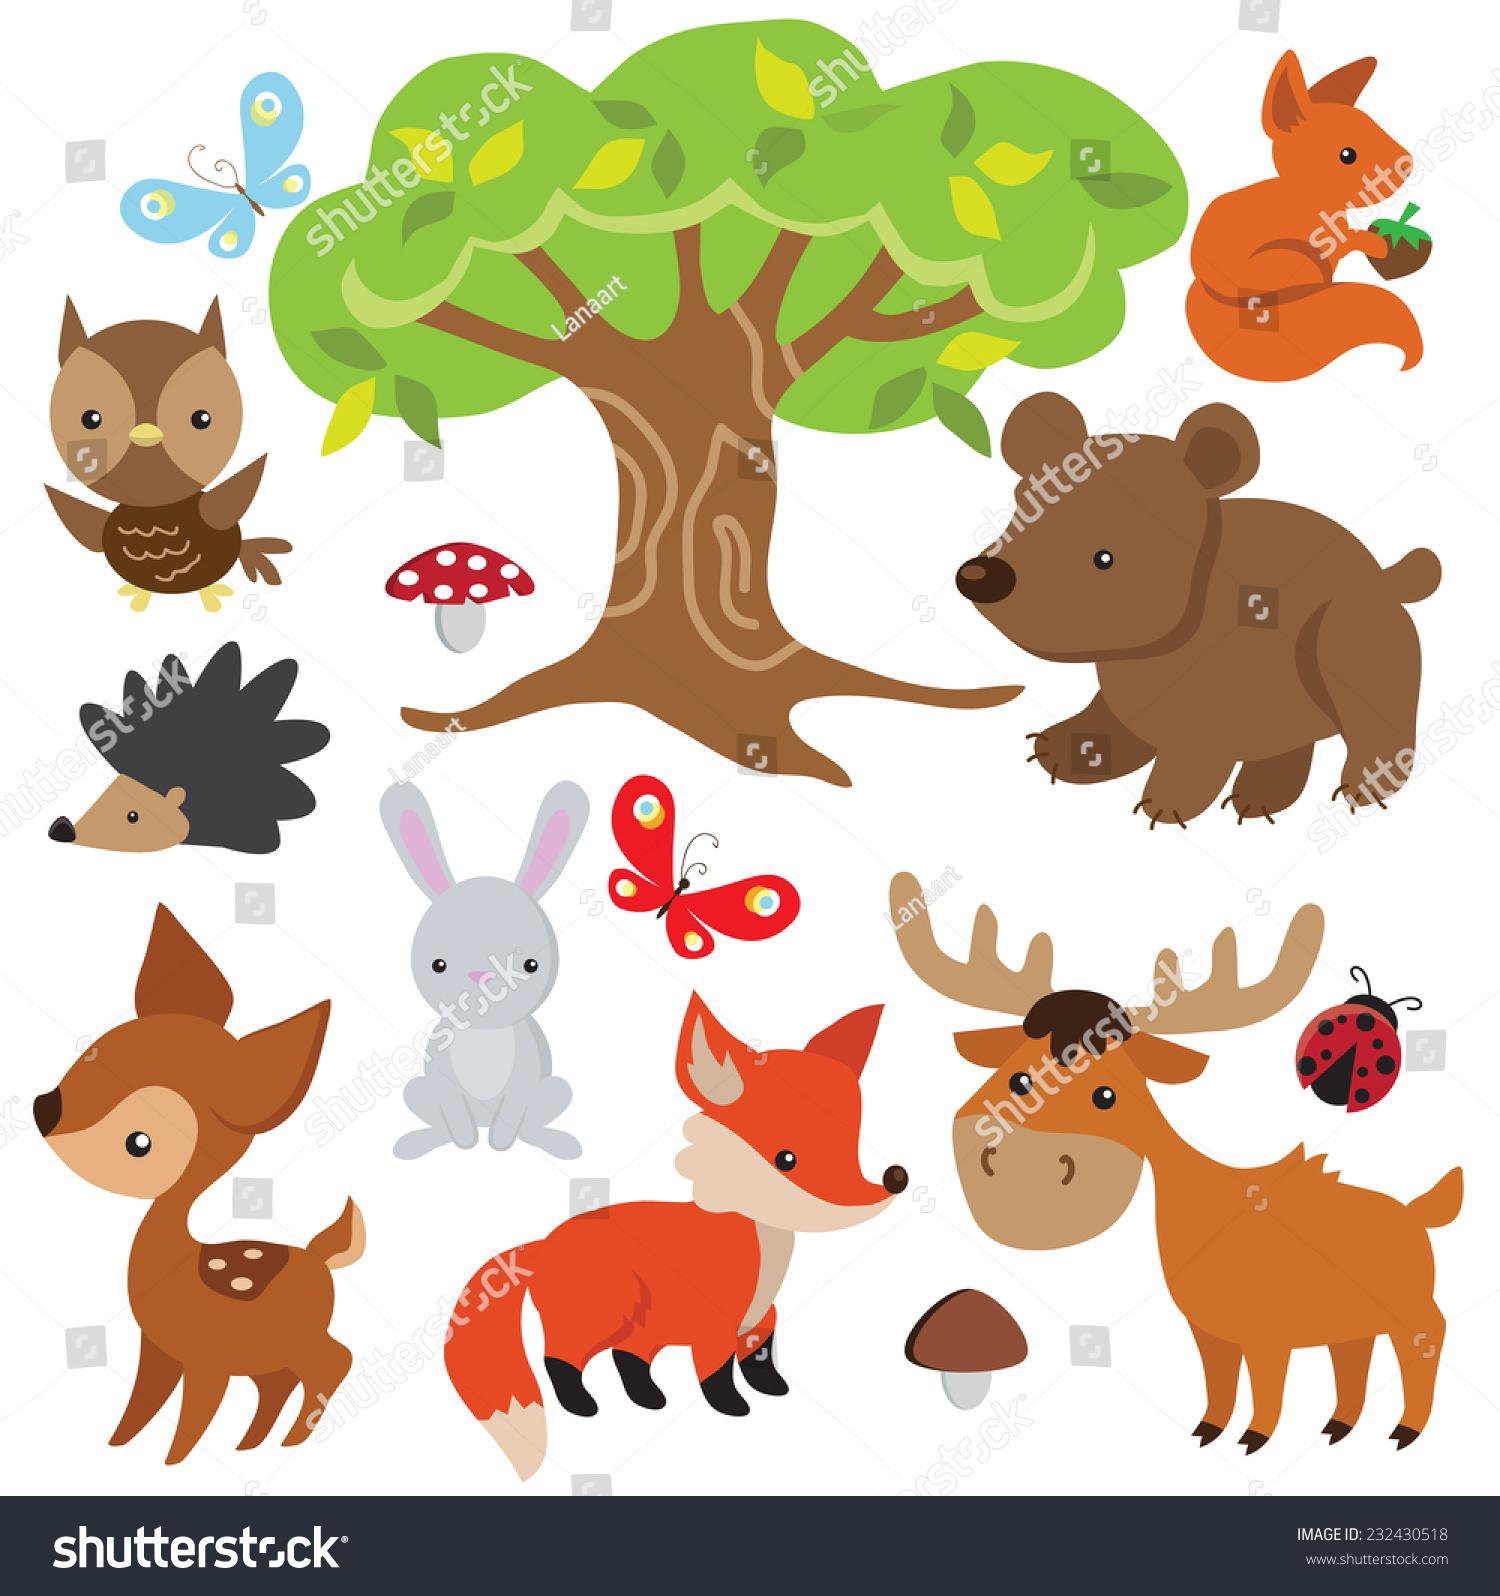 森林动物载体插图-动物/野生生物-海洛创意(hellorf)